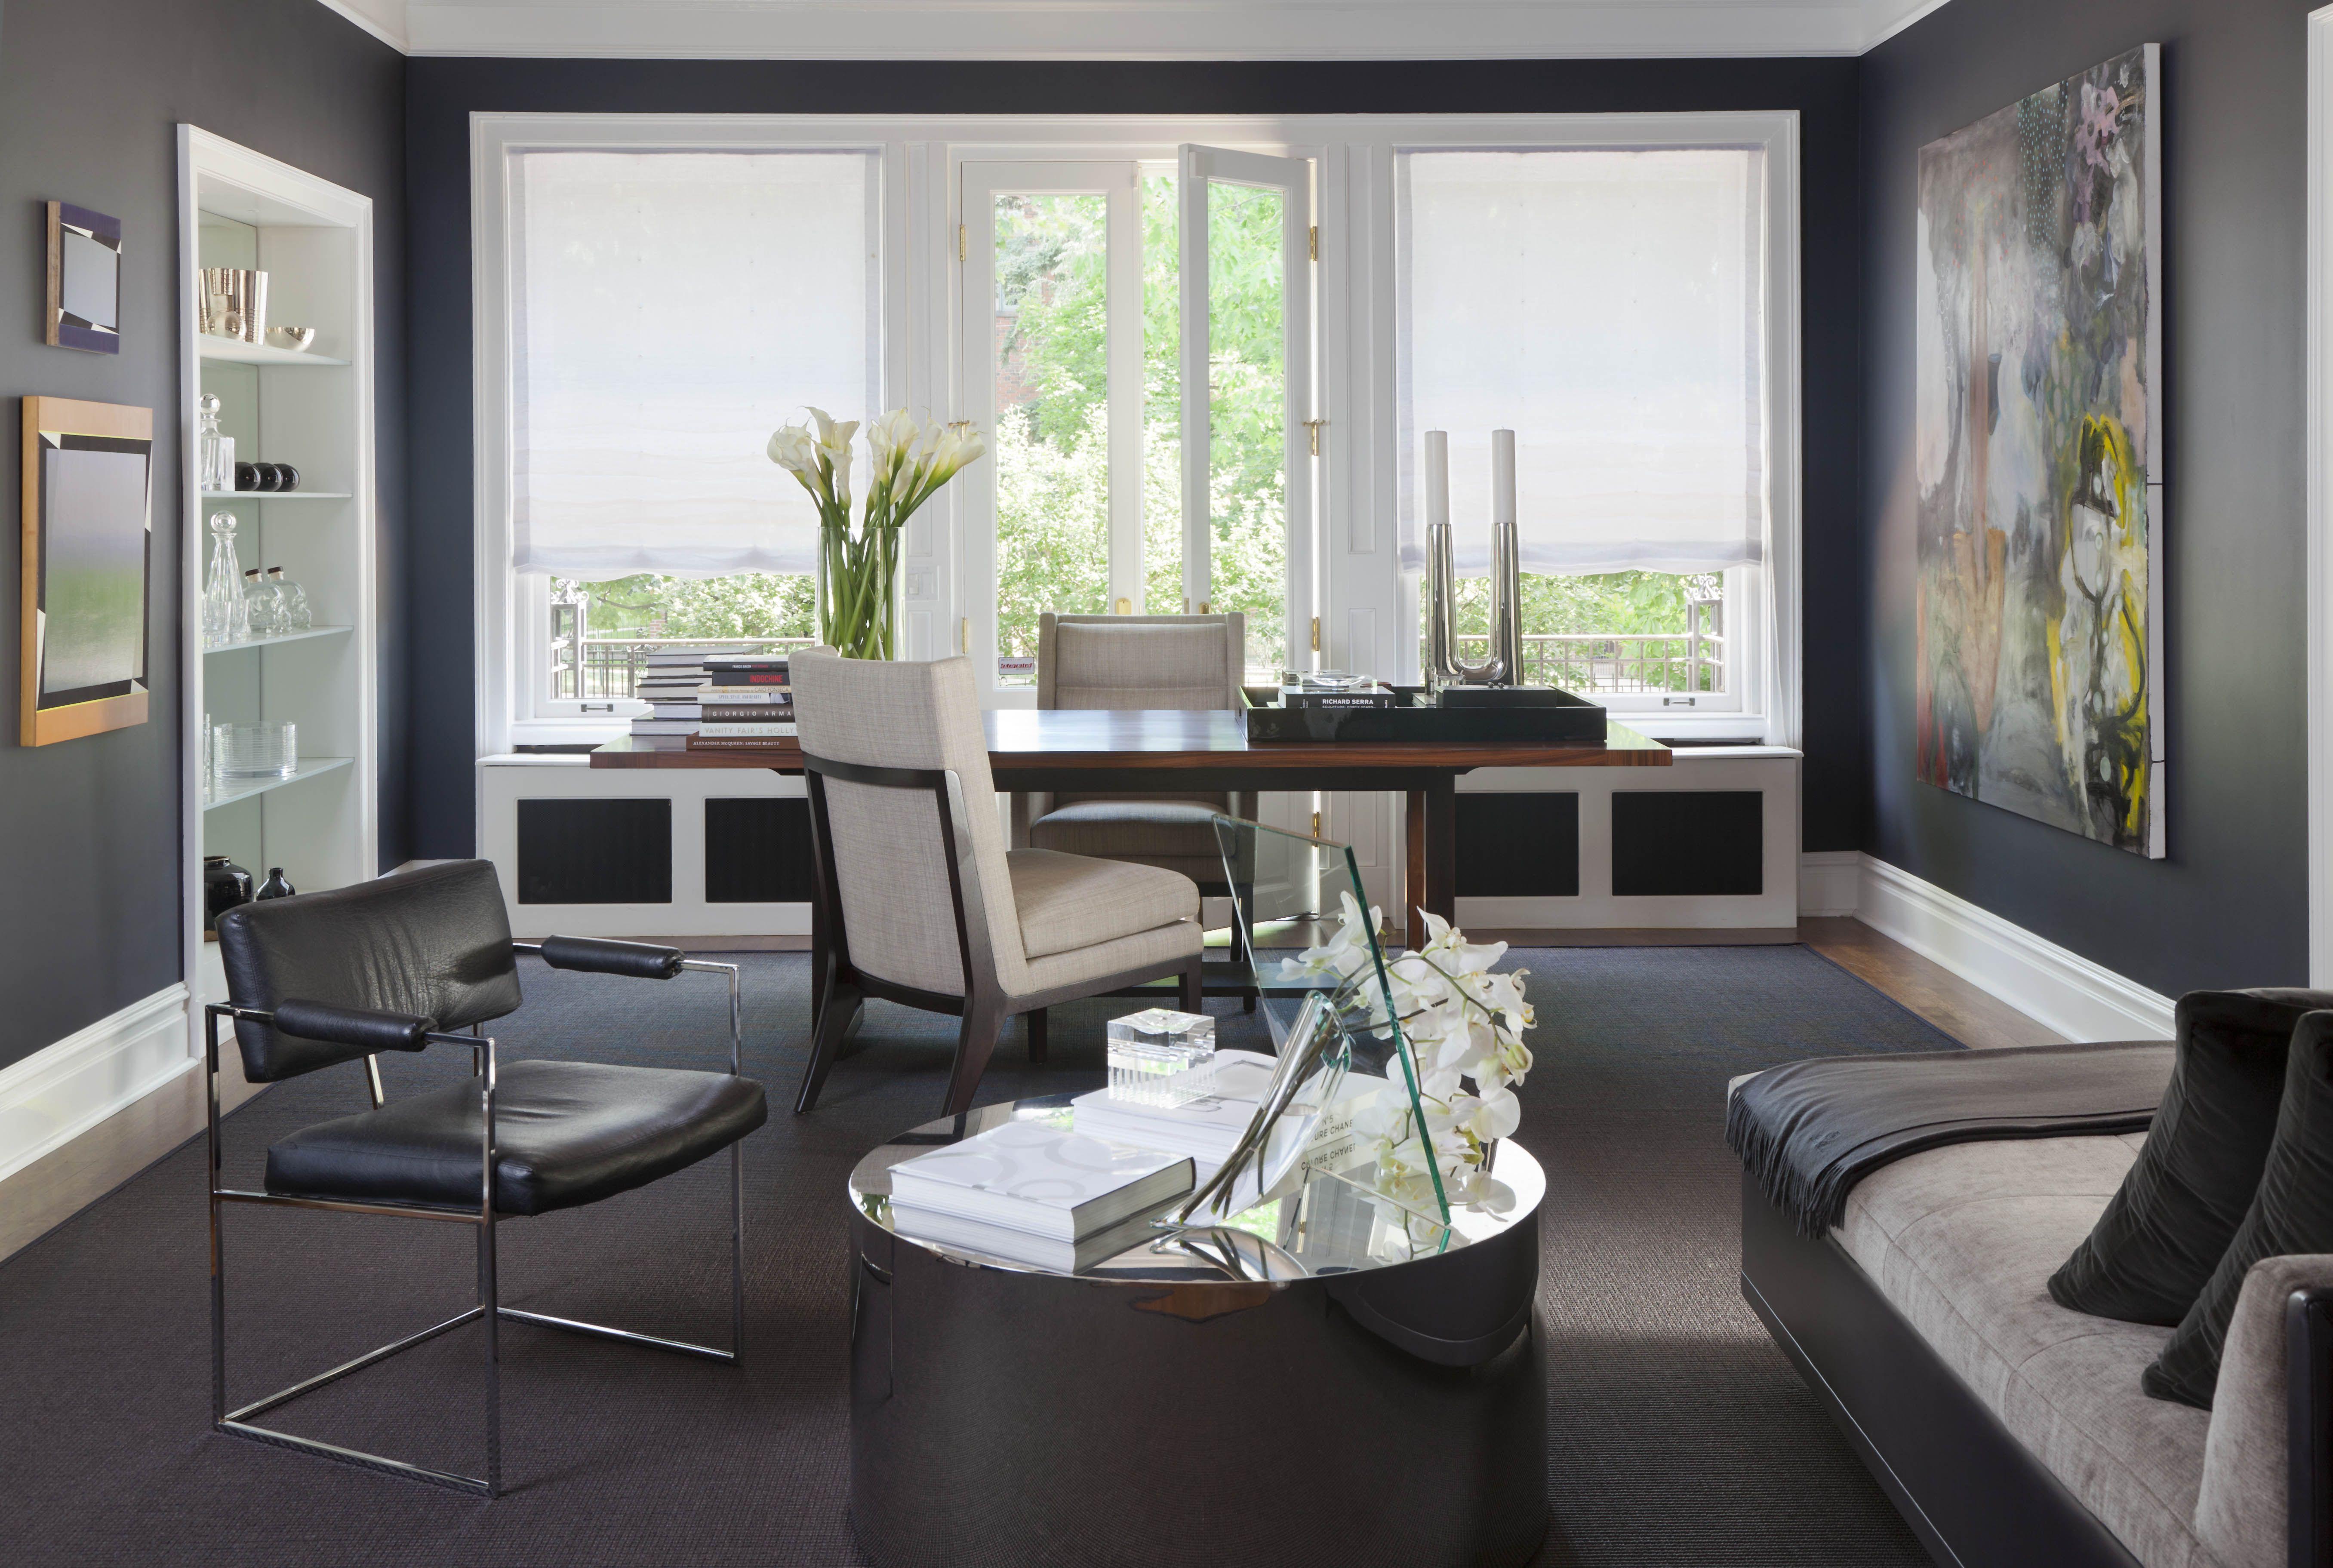 2013 Denver Designer Show House. Study Interiors